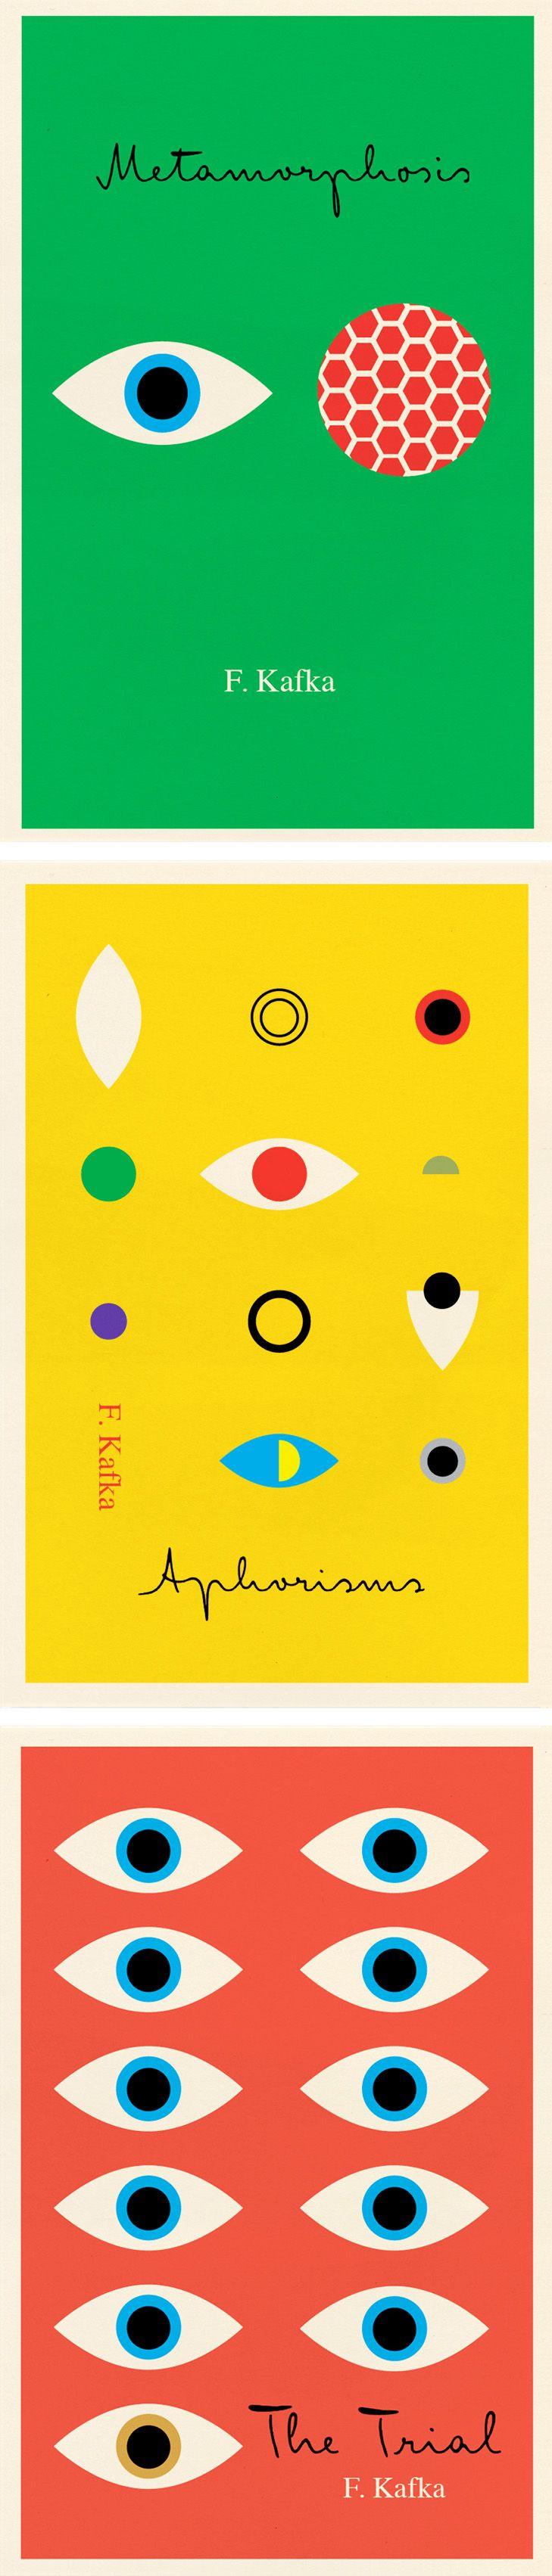 PETER MENDELSUND. Jacket-book covers, Franz Kafka. 2011.